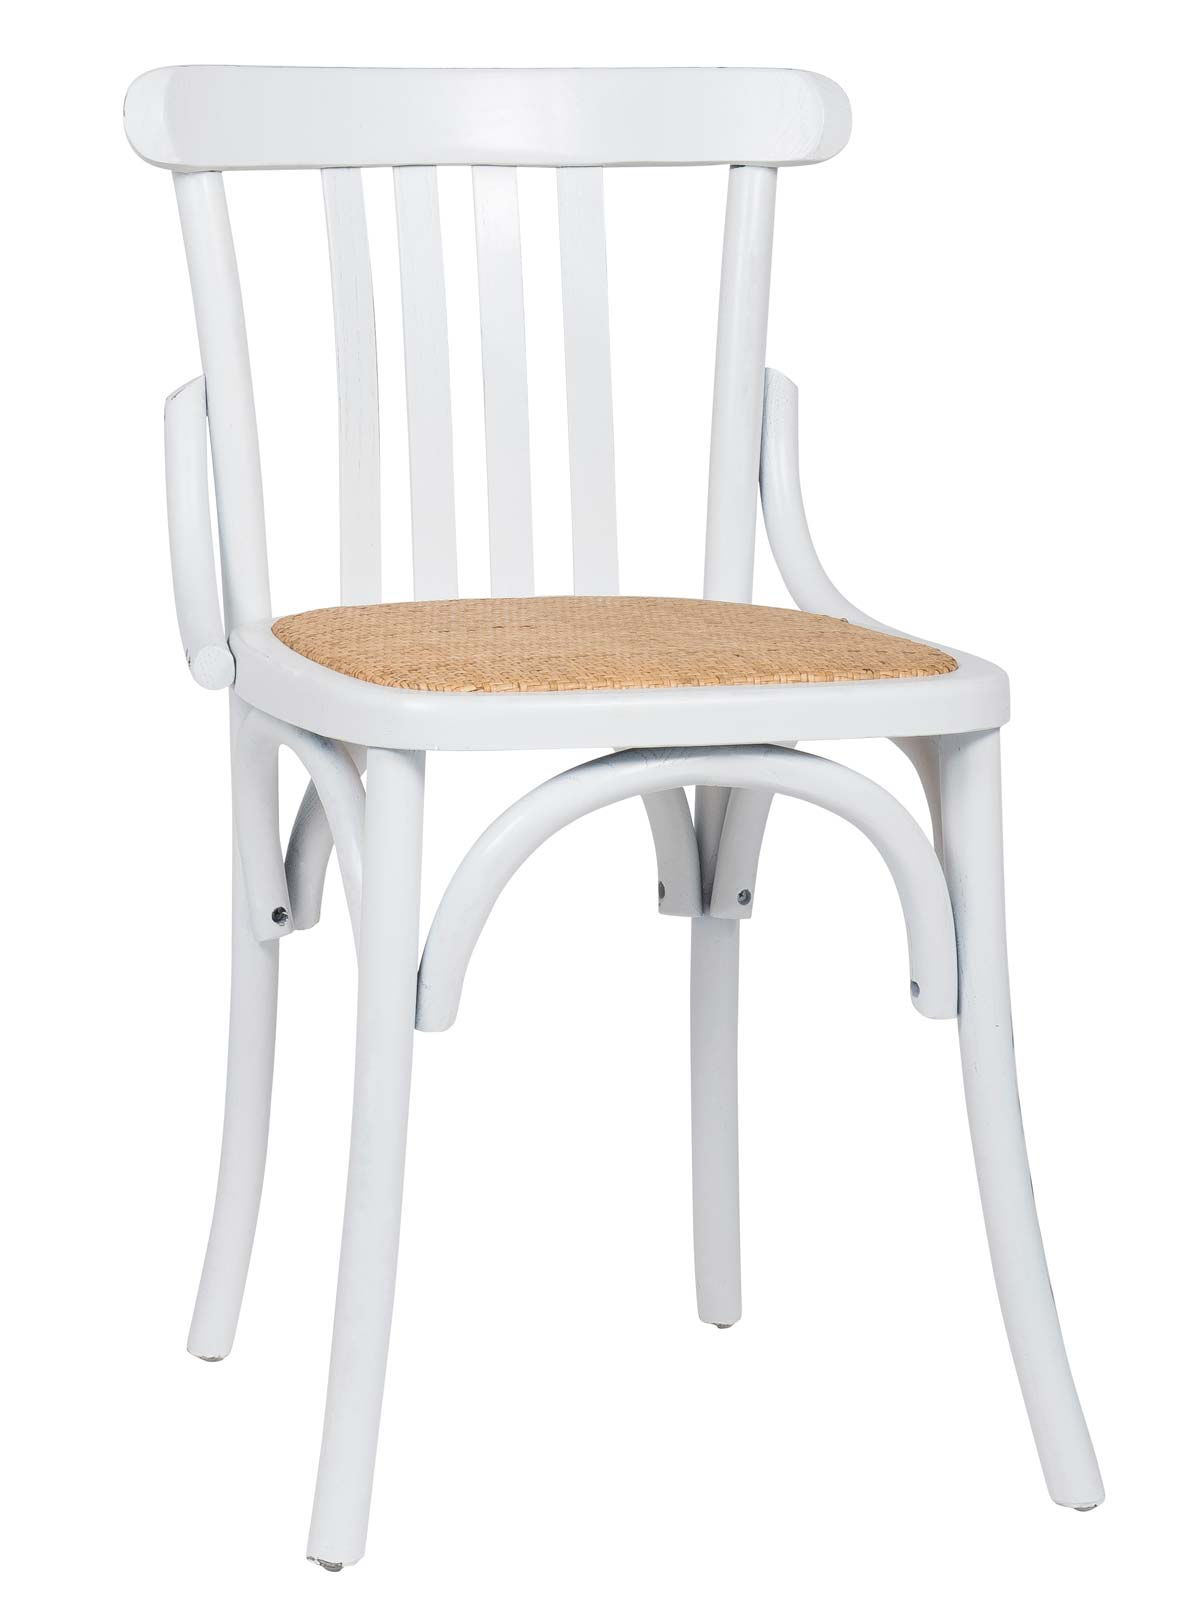 ib laursen Ib laursen stol marais - hvid træ, uden armlæn fra boboonline.dk